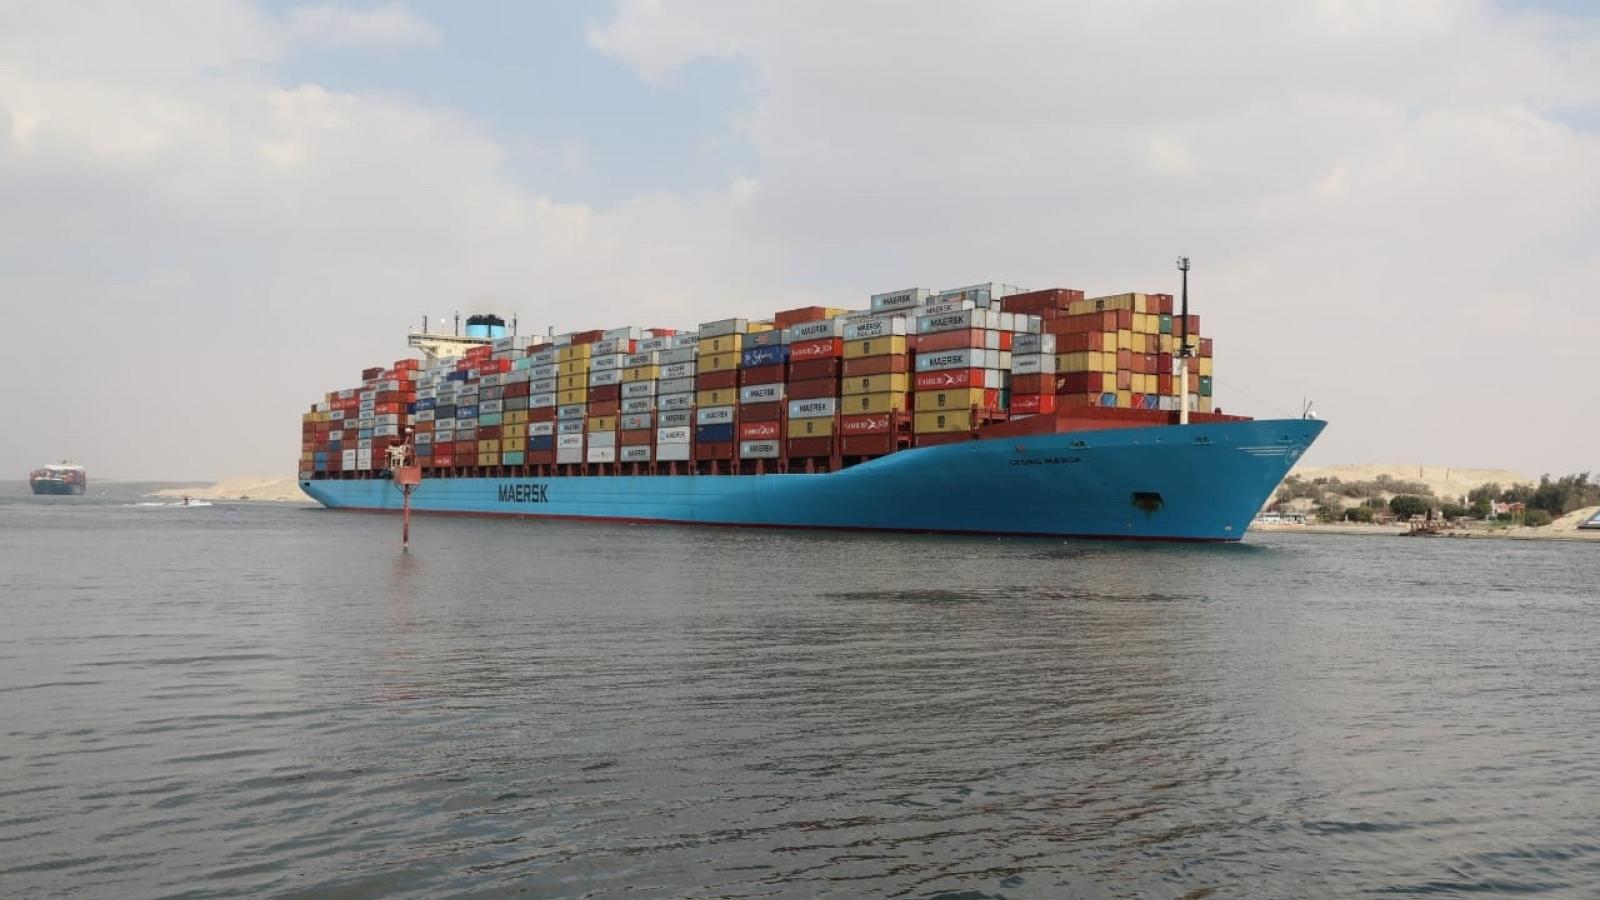 Sự cố Kênh đào Suez tiếp tục gây ảnh hưởng đến chuỗi cung ứng toàn cầu